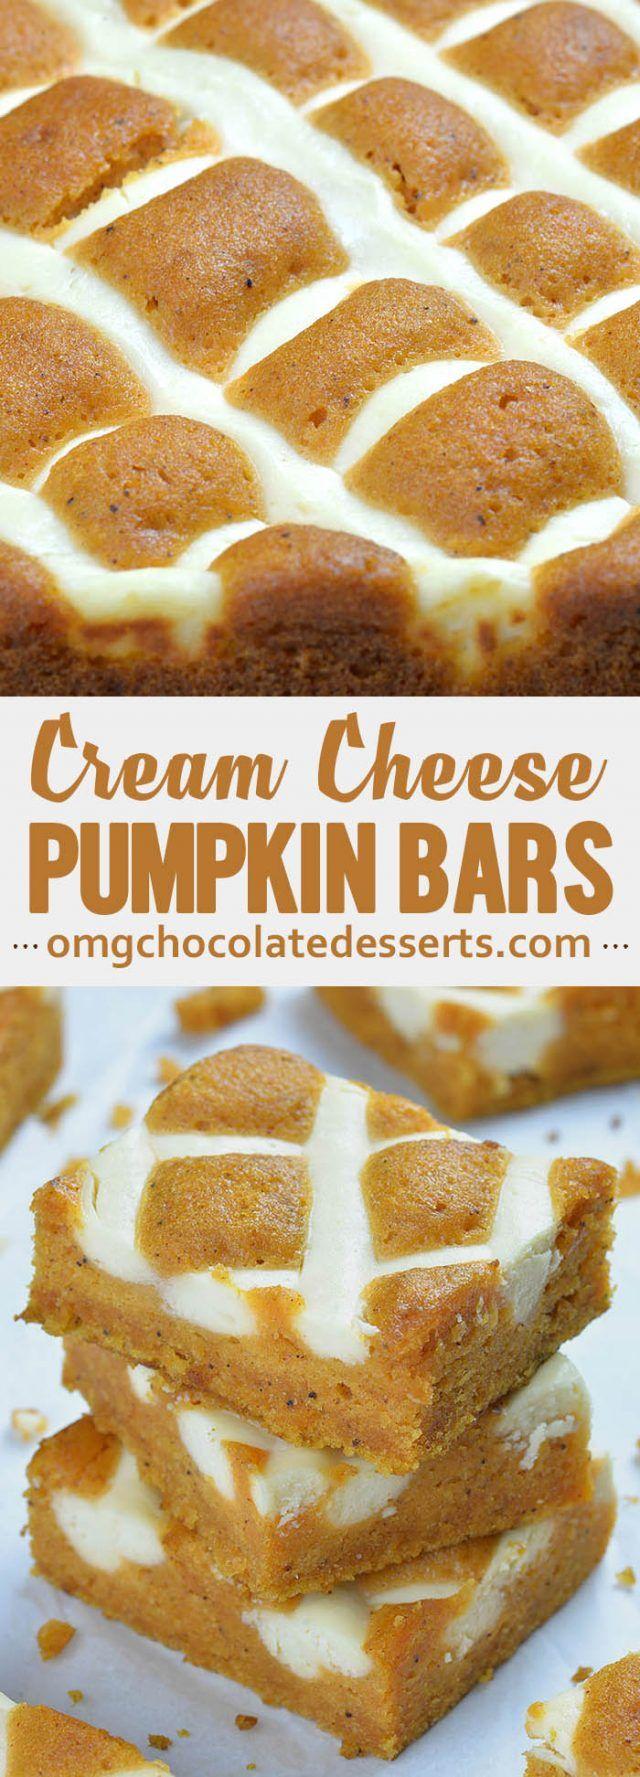 Pumpkin Bars with Cream Cheese -   24 sweet pumpkin recipes ideas